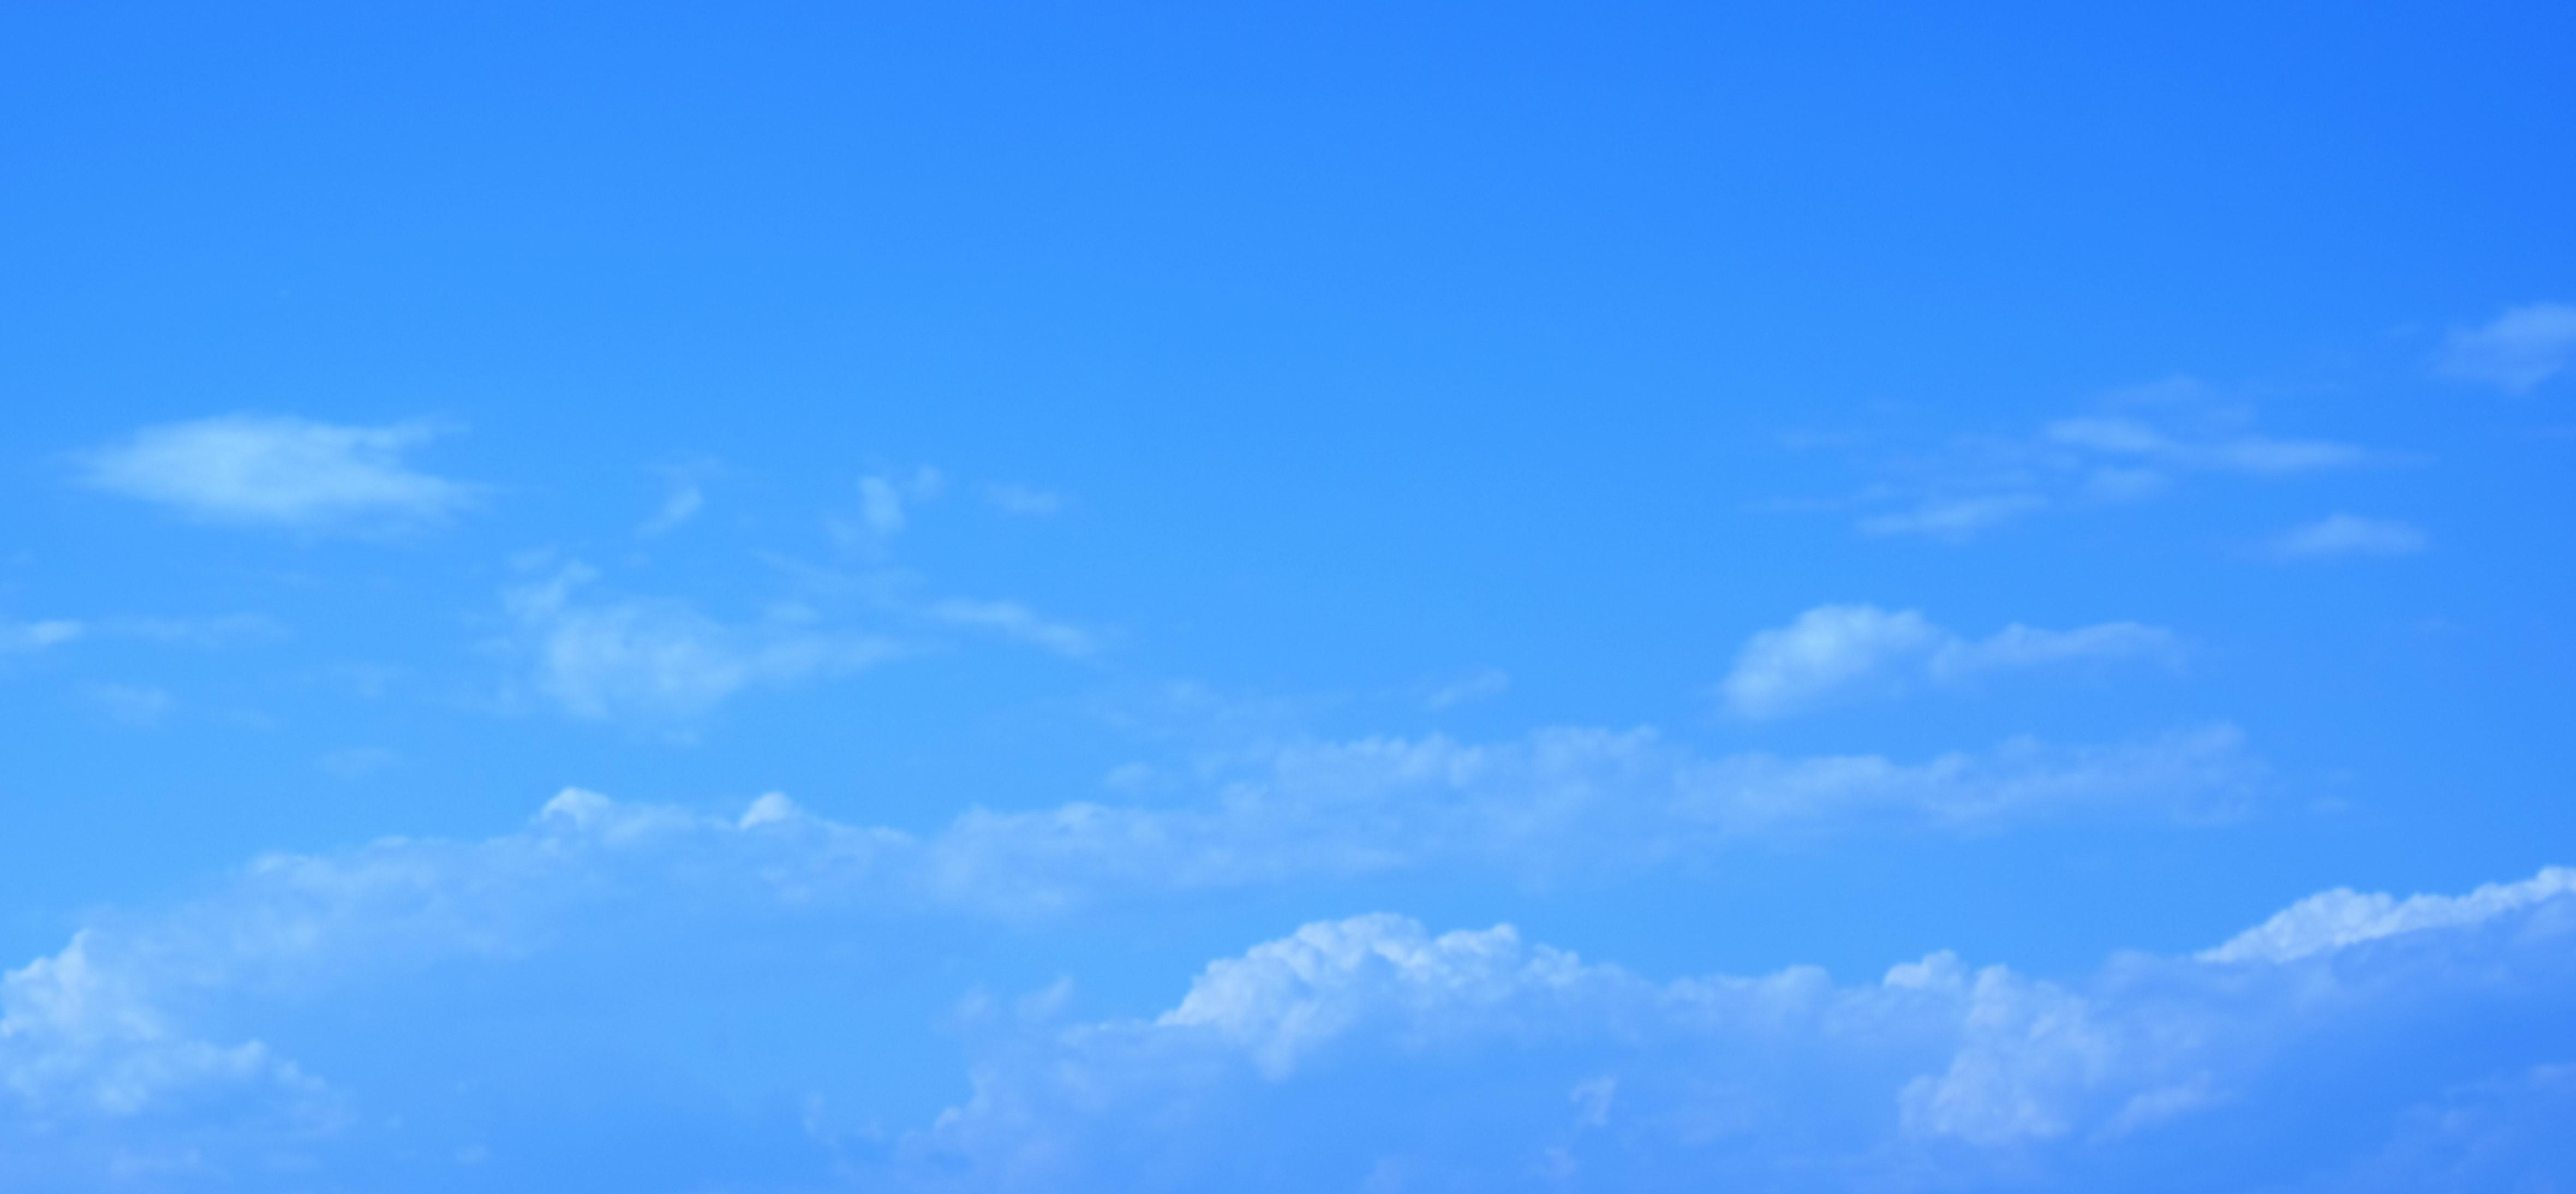 Himmel blau Wolken